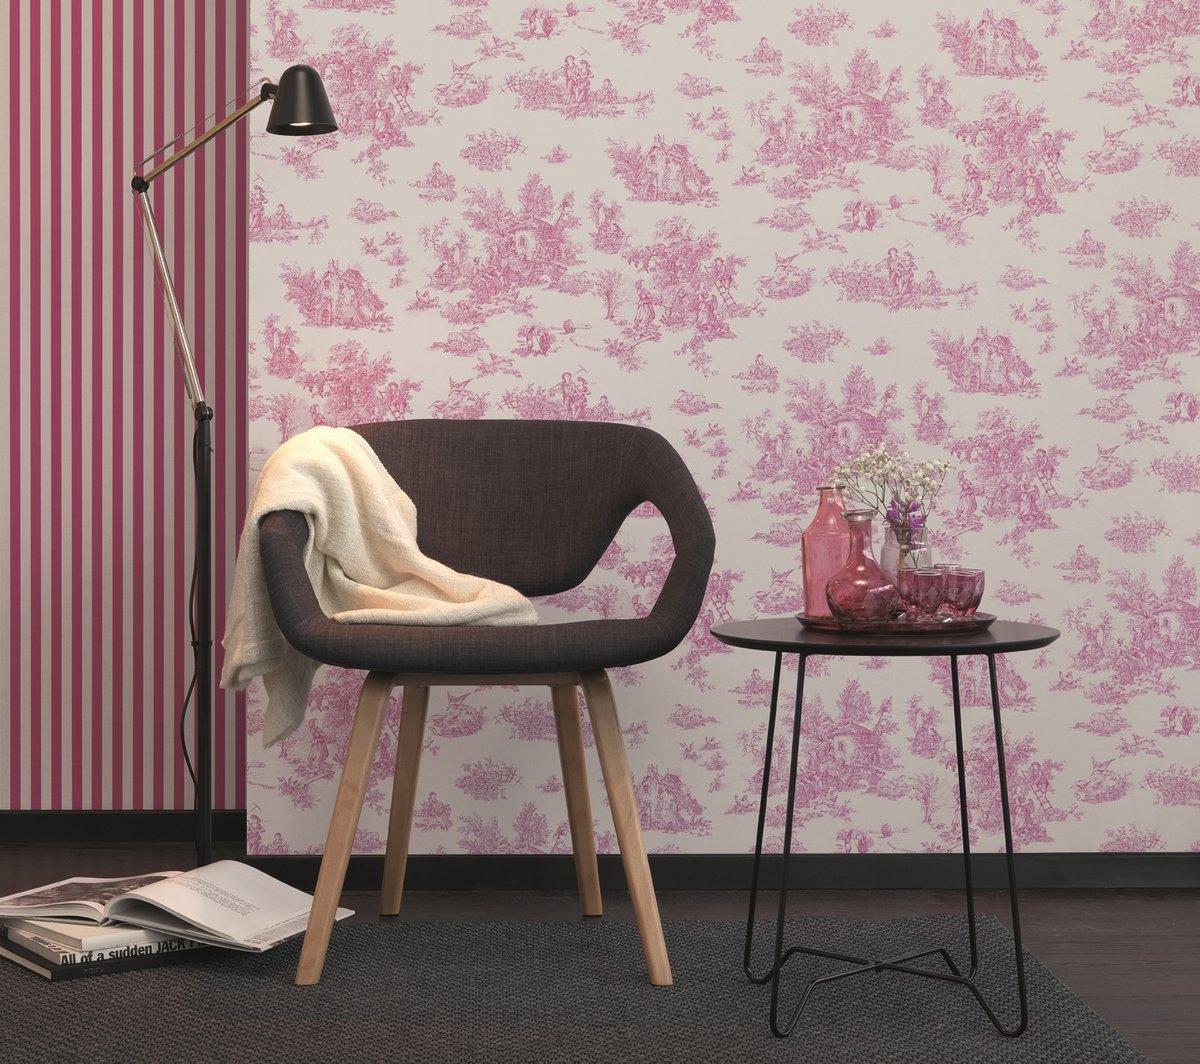 Richtig Kombinieren Tapeten Mix Mit Gleichen Farben Mitte